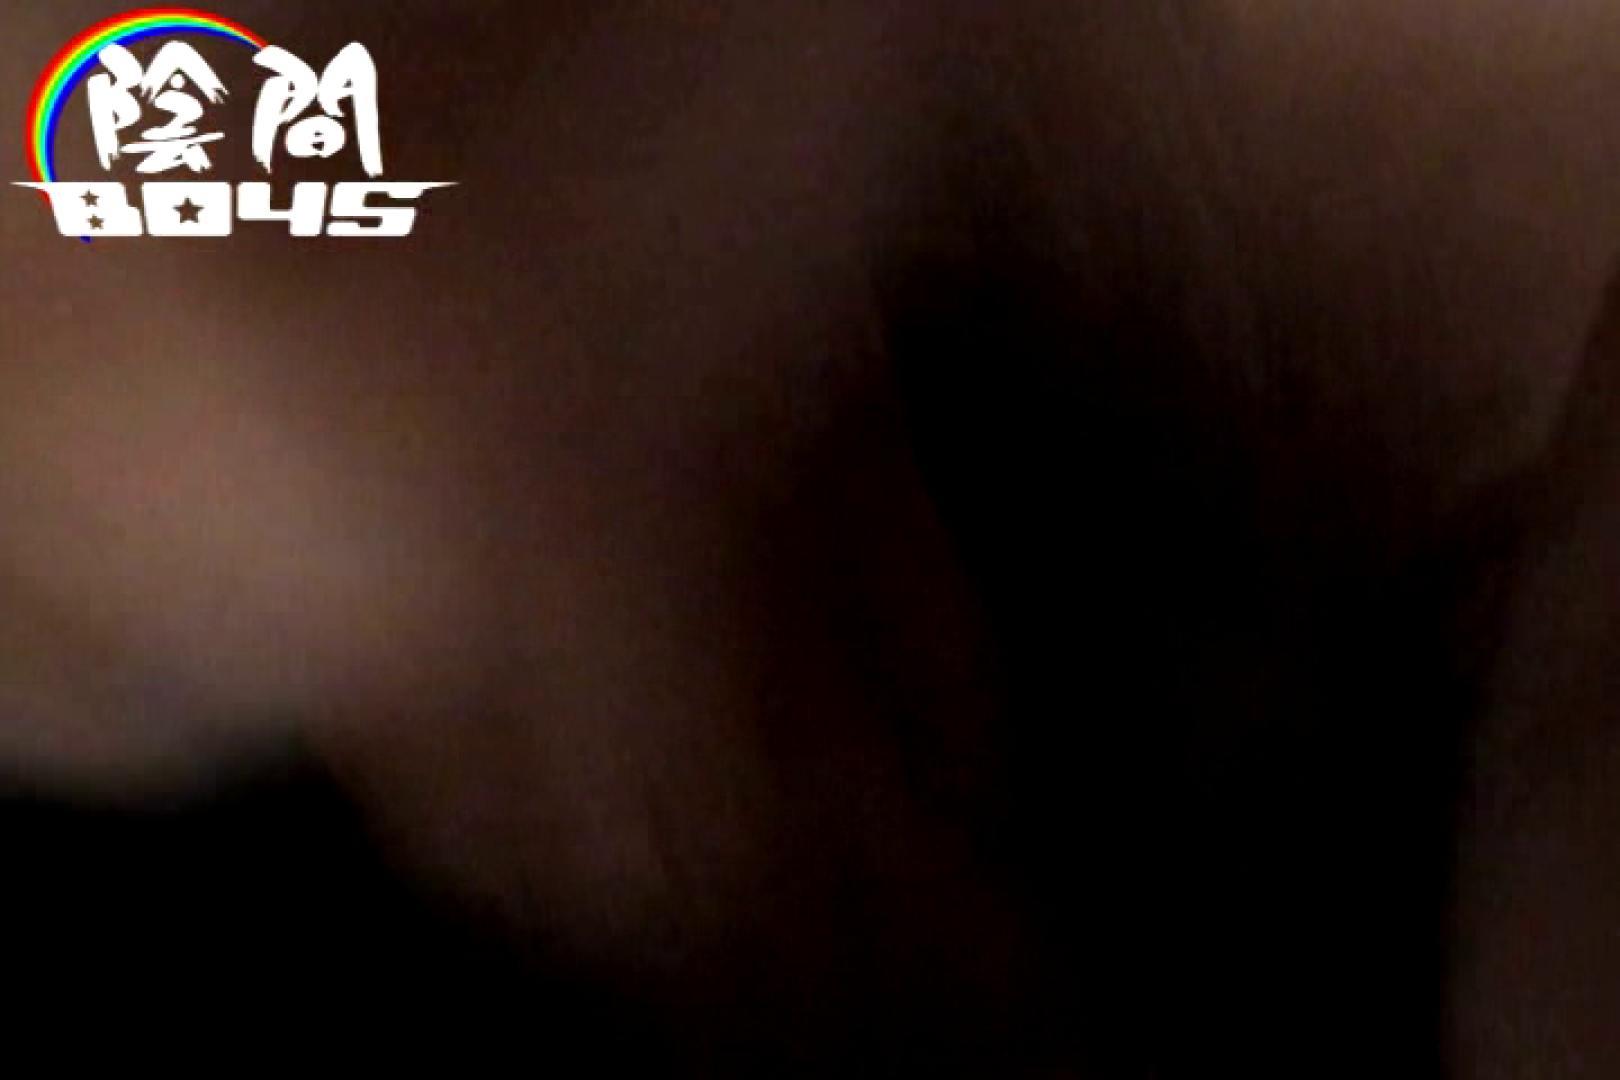 陰間BOYS~Mixed Hot-Guy~03 お掃除フェラ ゲイアダルト画像 76pic 35